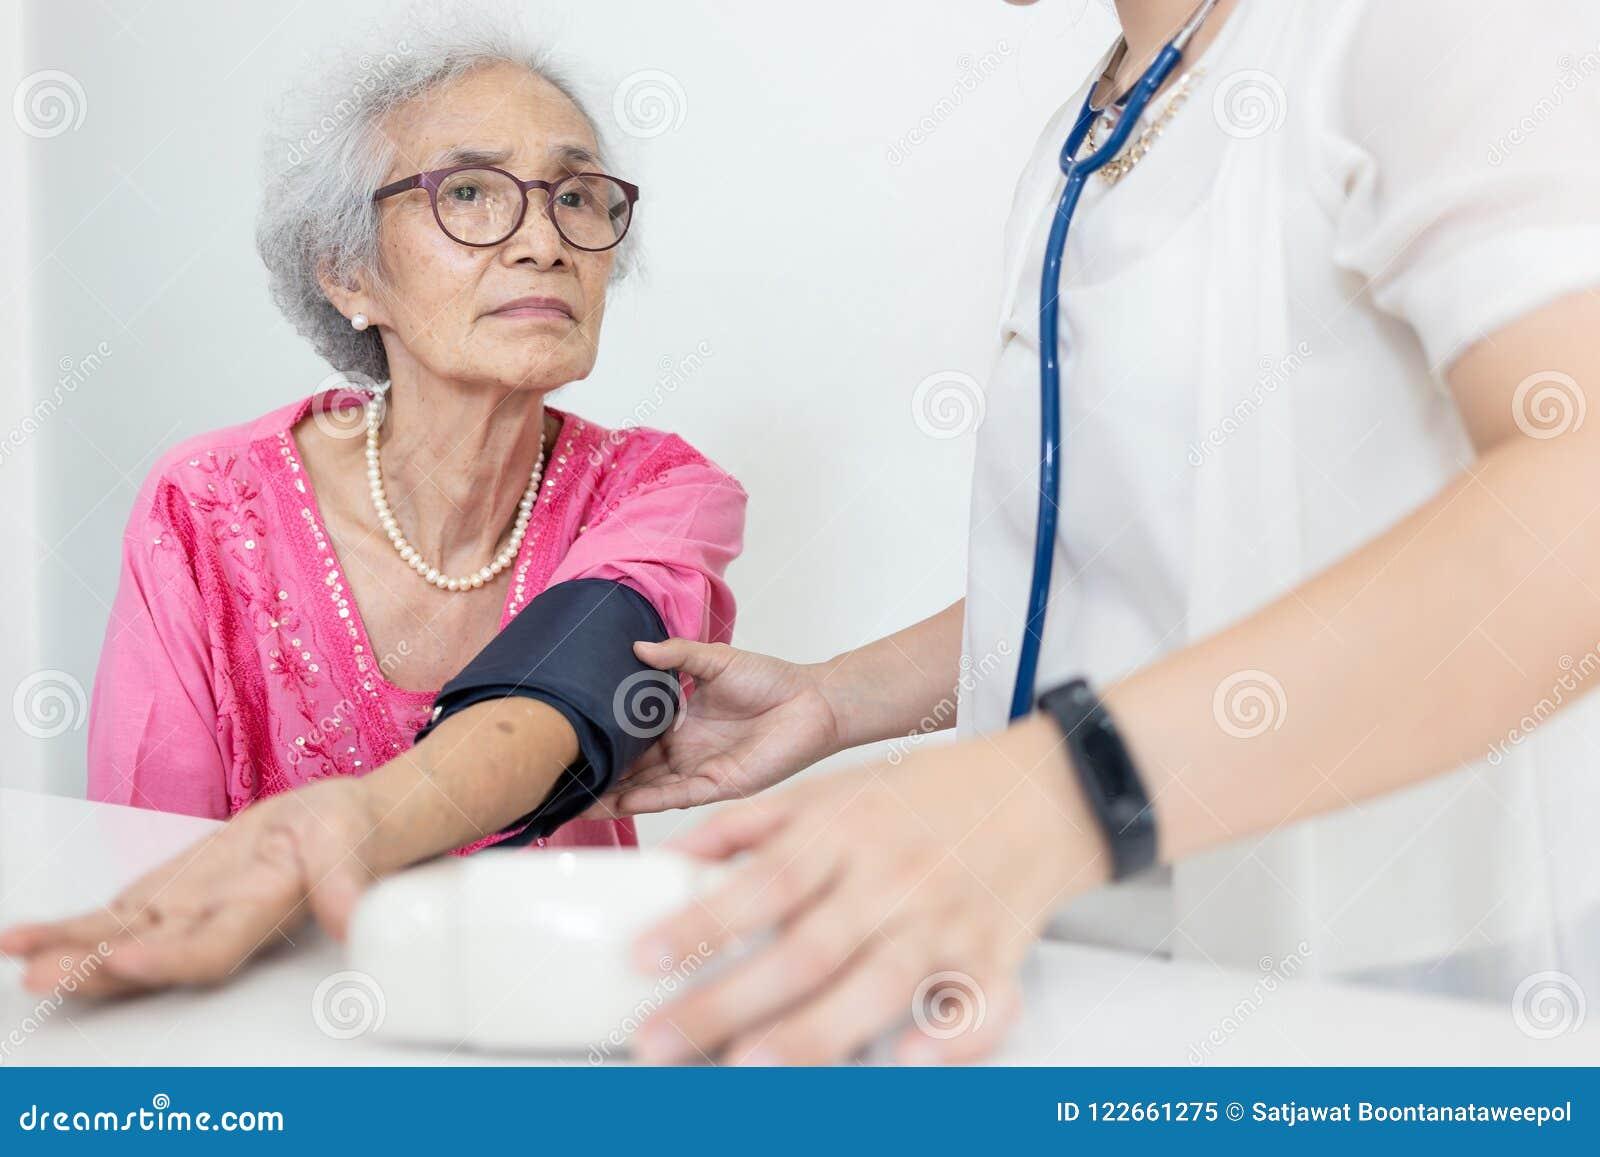 Γυναίκα νοσοκόμα που ελέγχει τη πίεση του αίματος μιας ανώτερης γυναίκας στο σπίτι, Χ